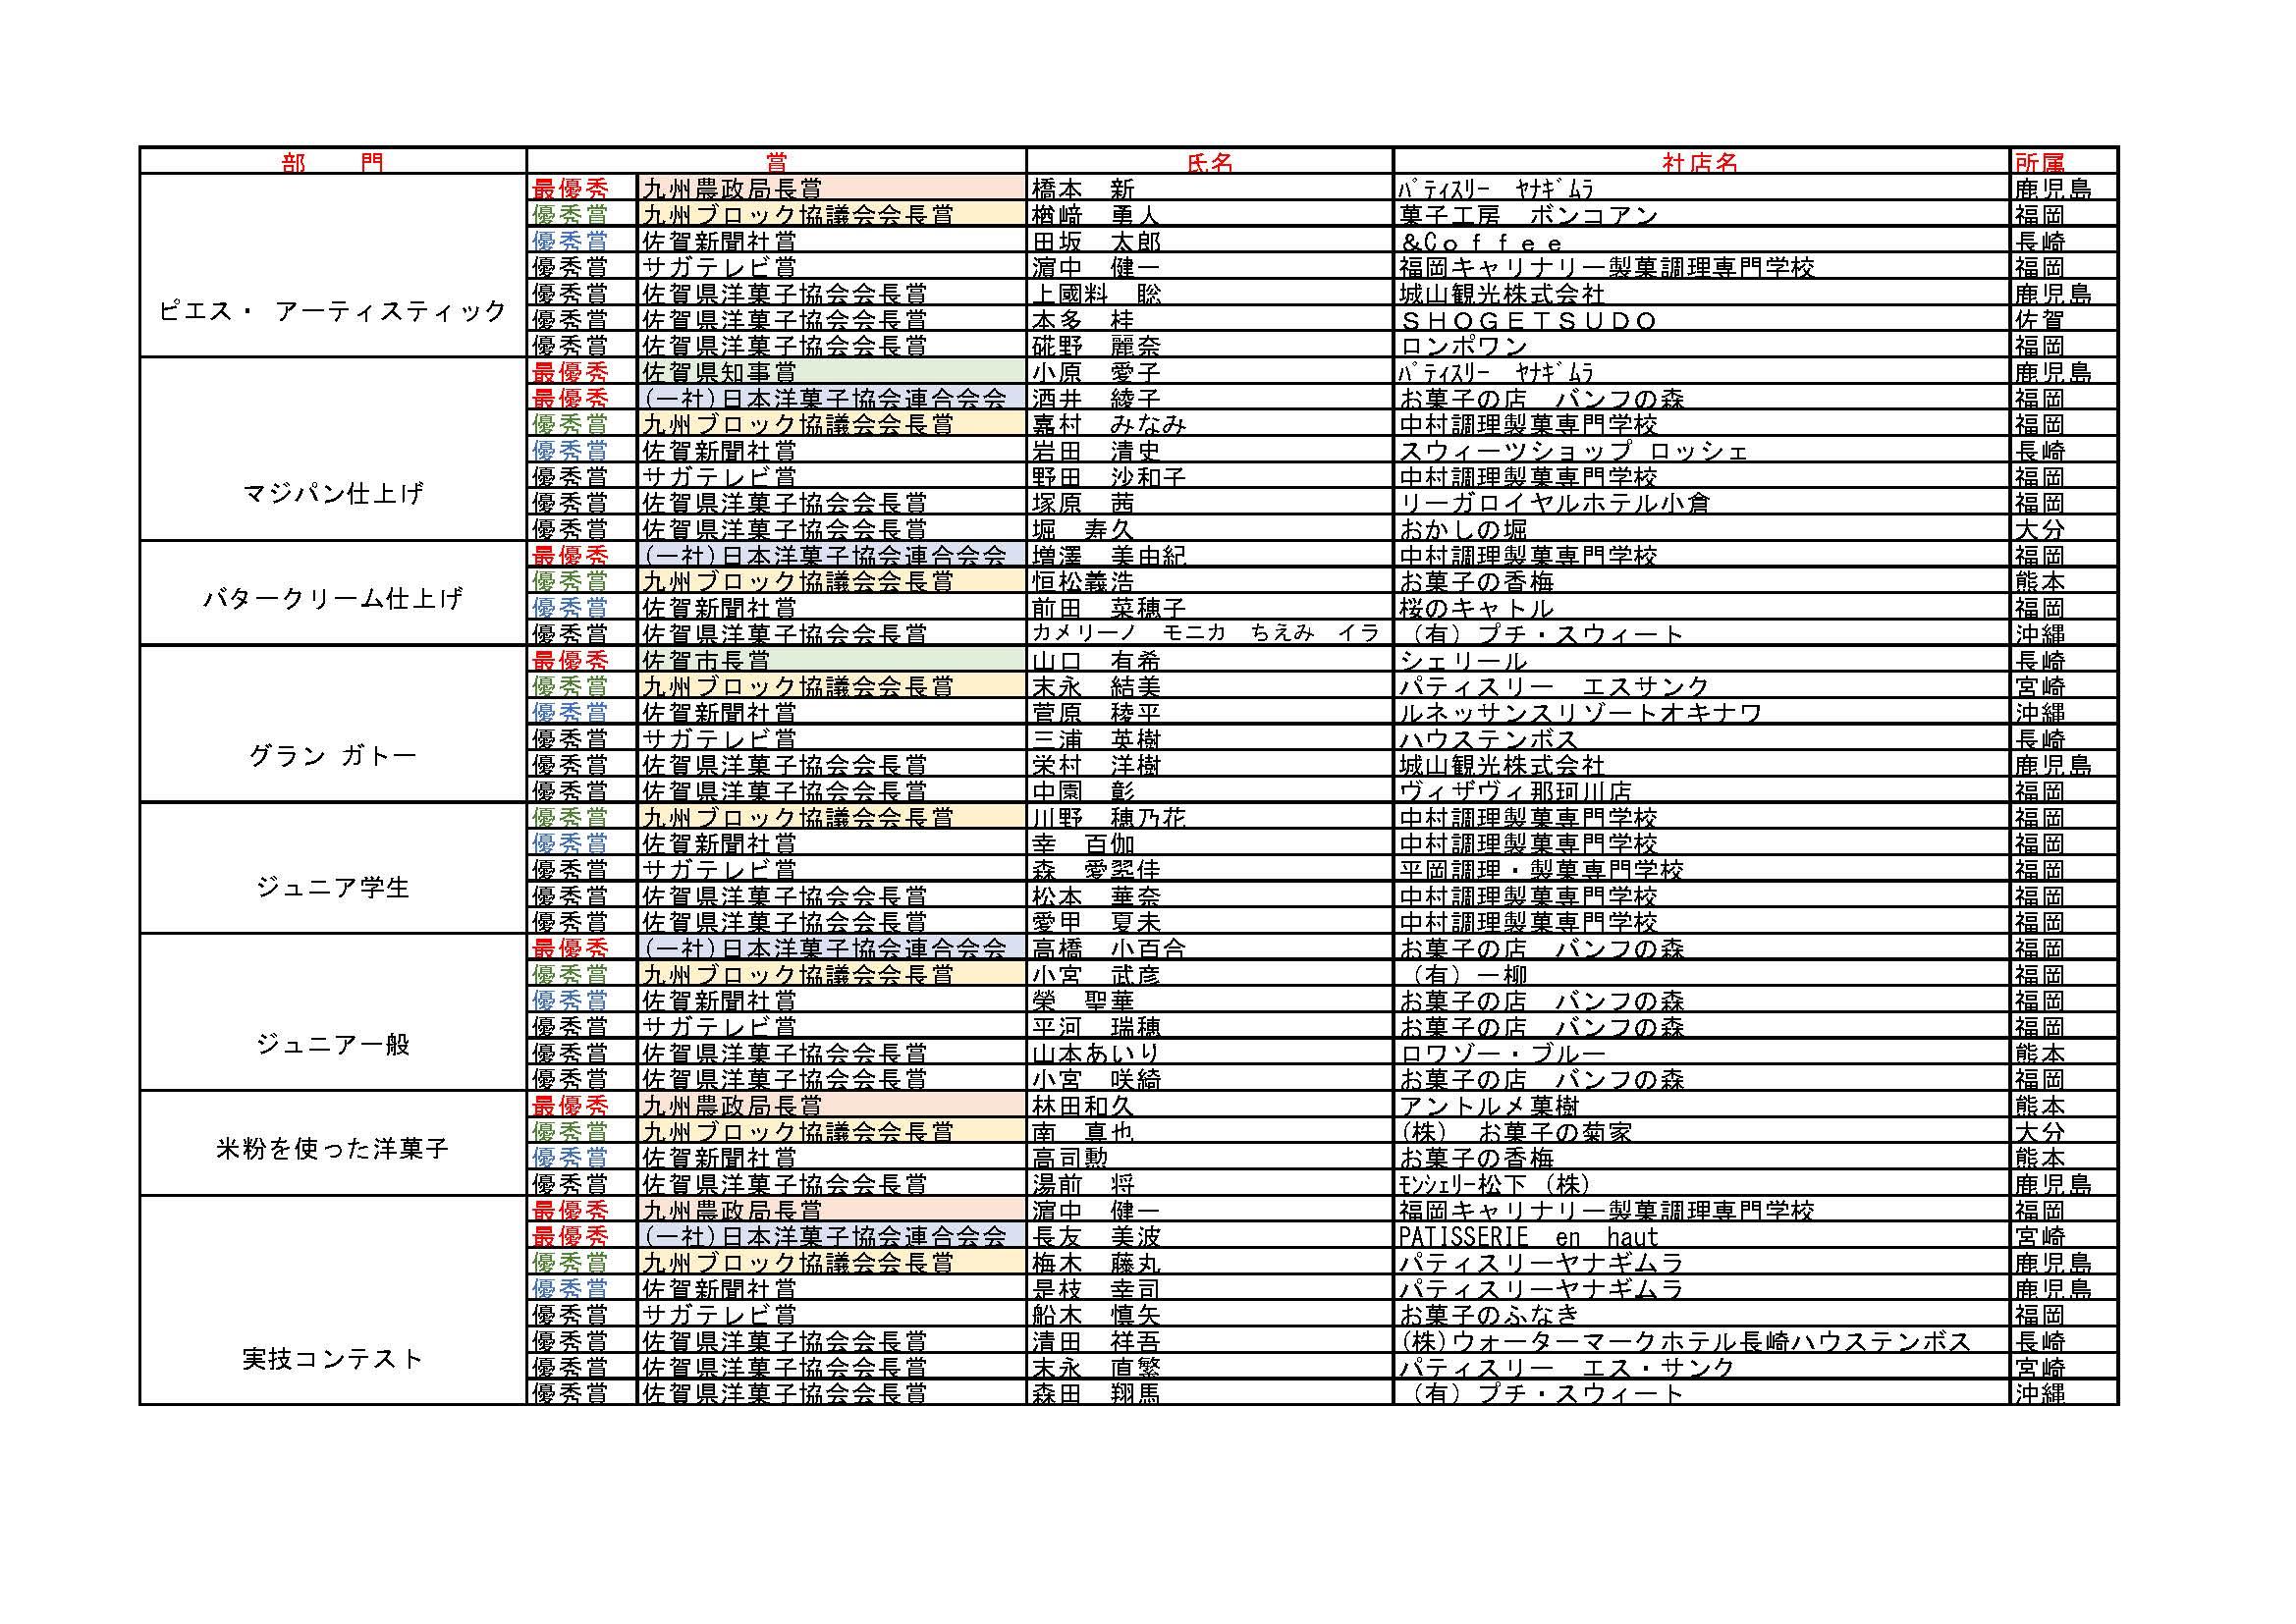 第8回全九州実技コンテスト大会賞一覧